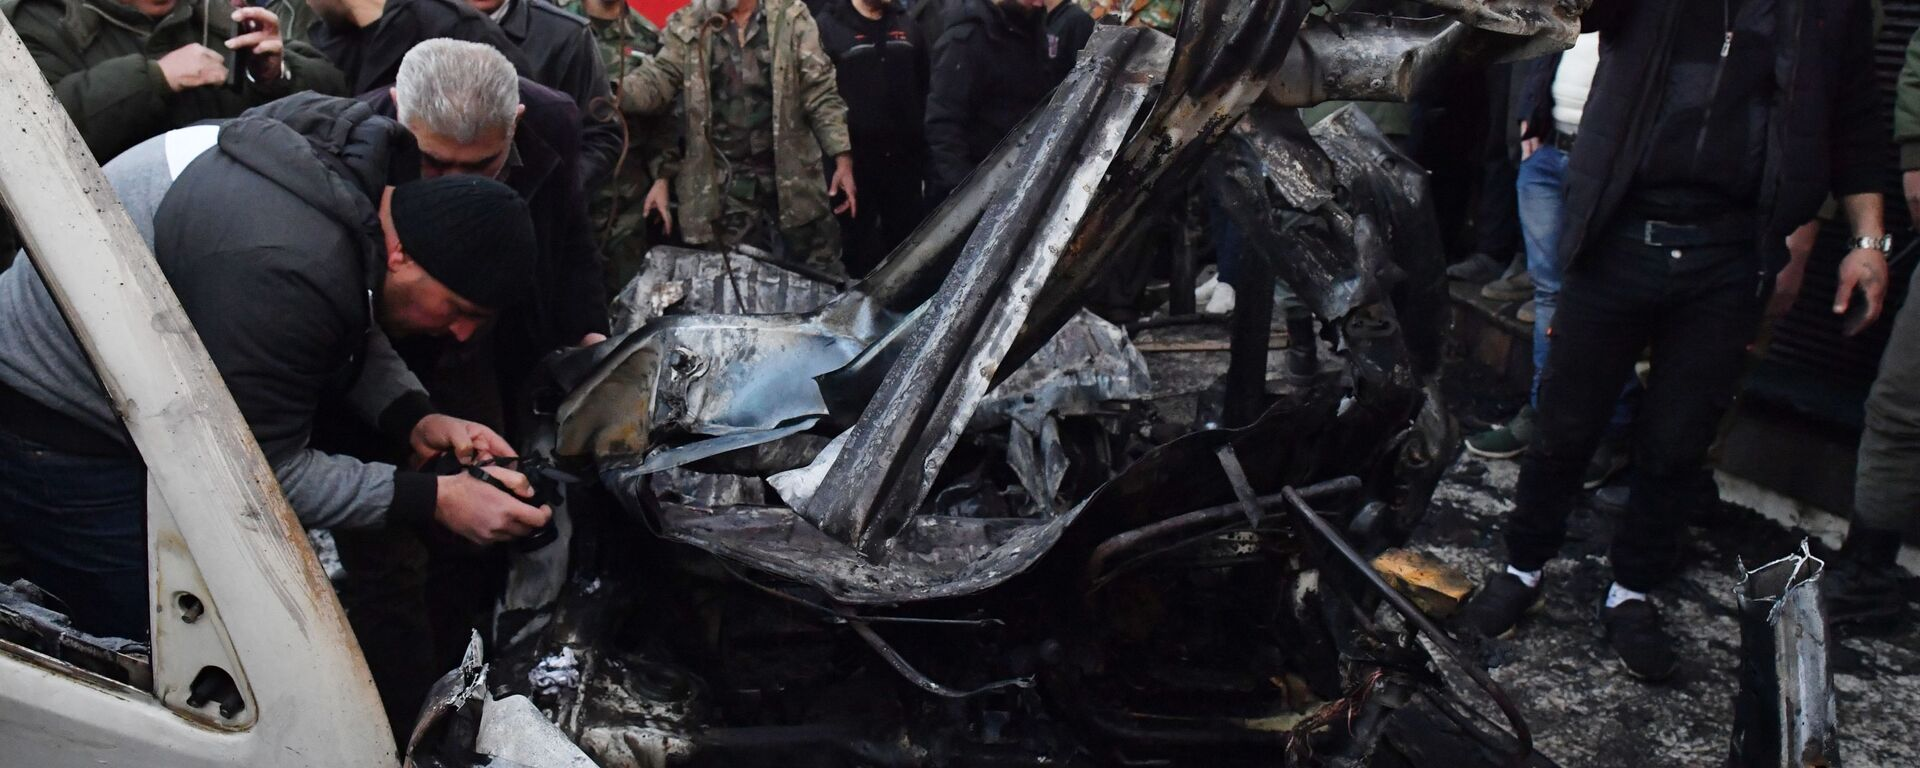 Сирија: Експлозија аутомобила-бомбе, има погинулих - Sputnik Србија, 1920, 08.09.2021